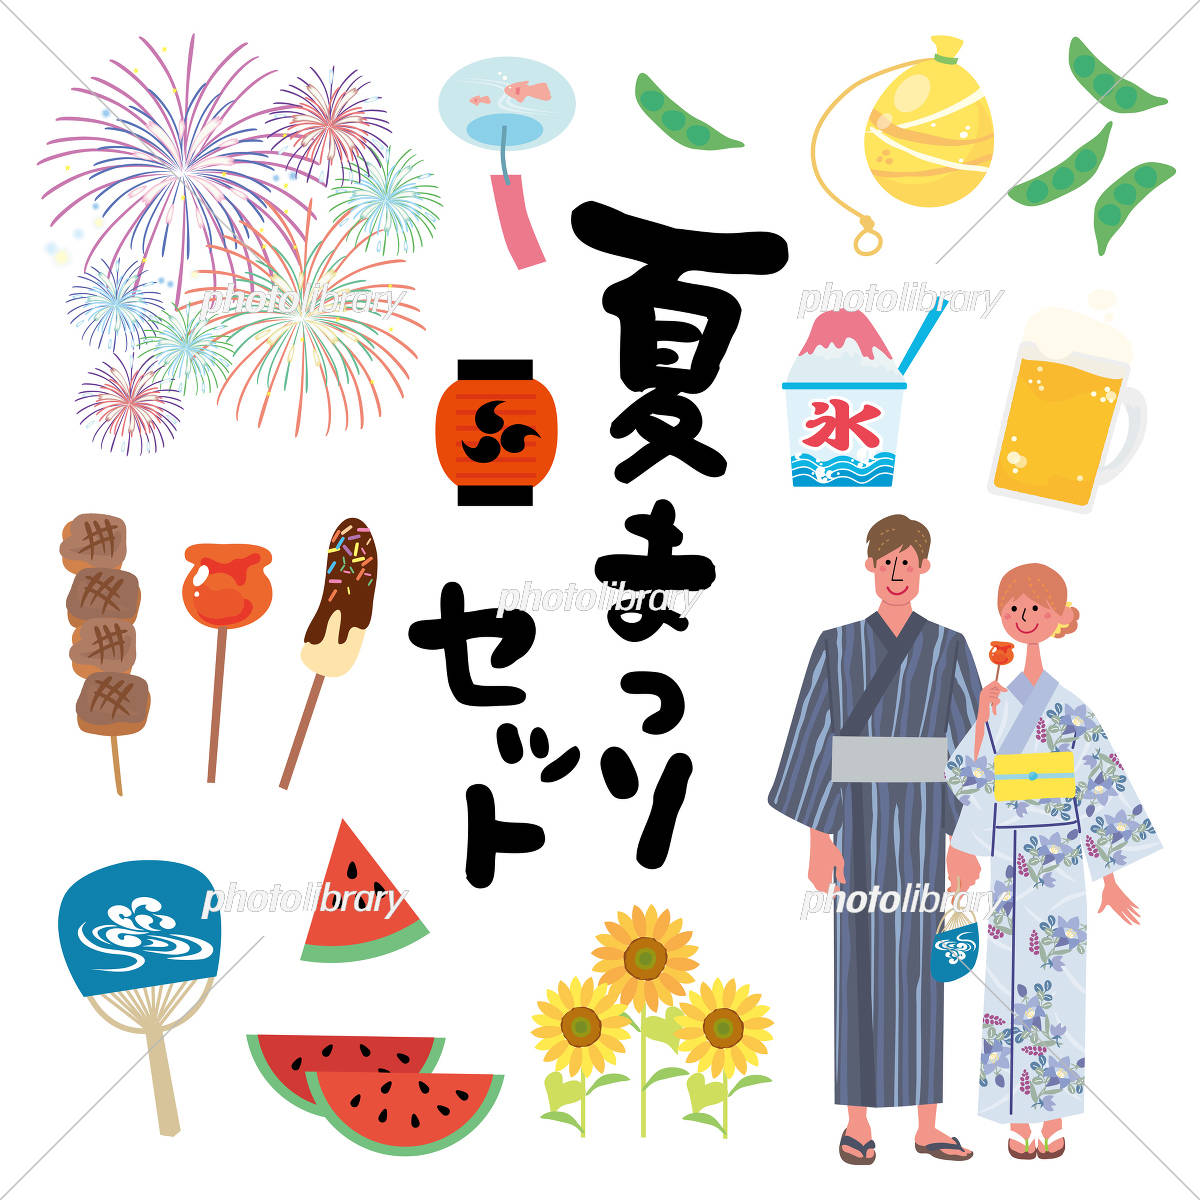 イラスト素材:夏祭り・盆踊り・花火大会のお知らせに!便利なイラストセット